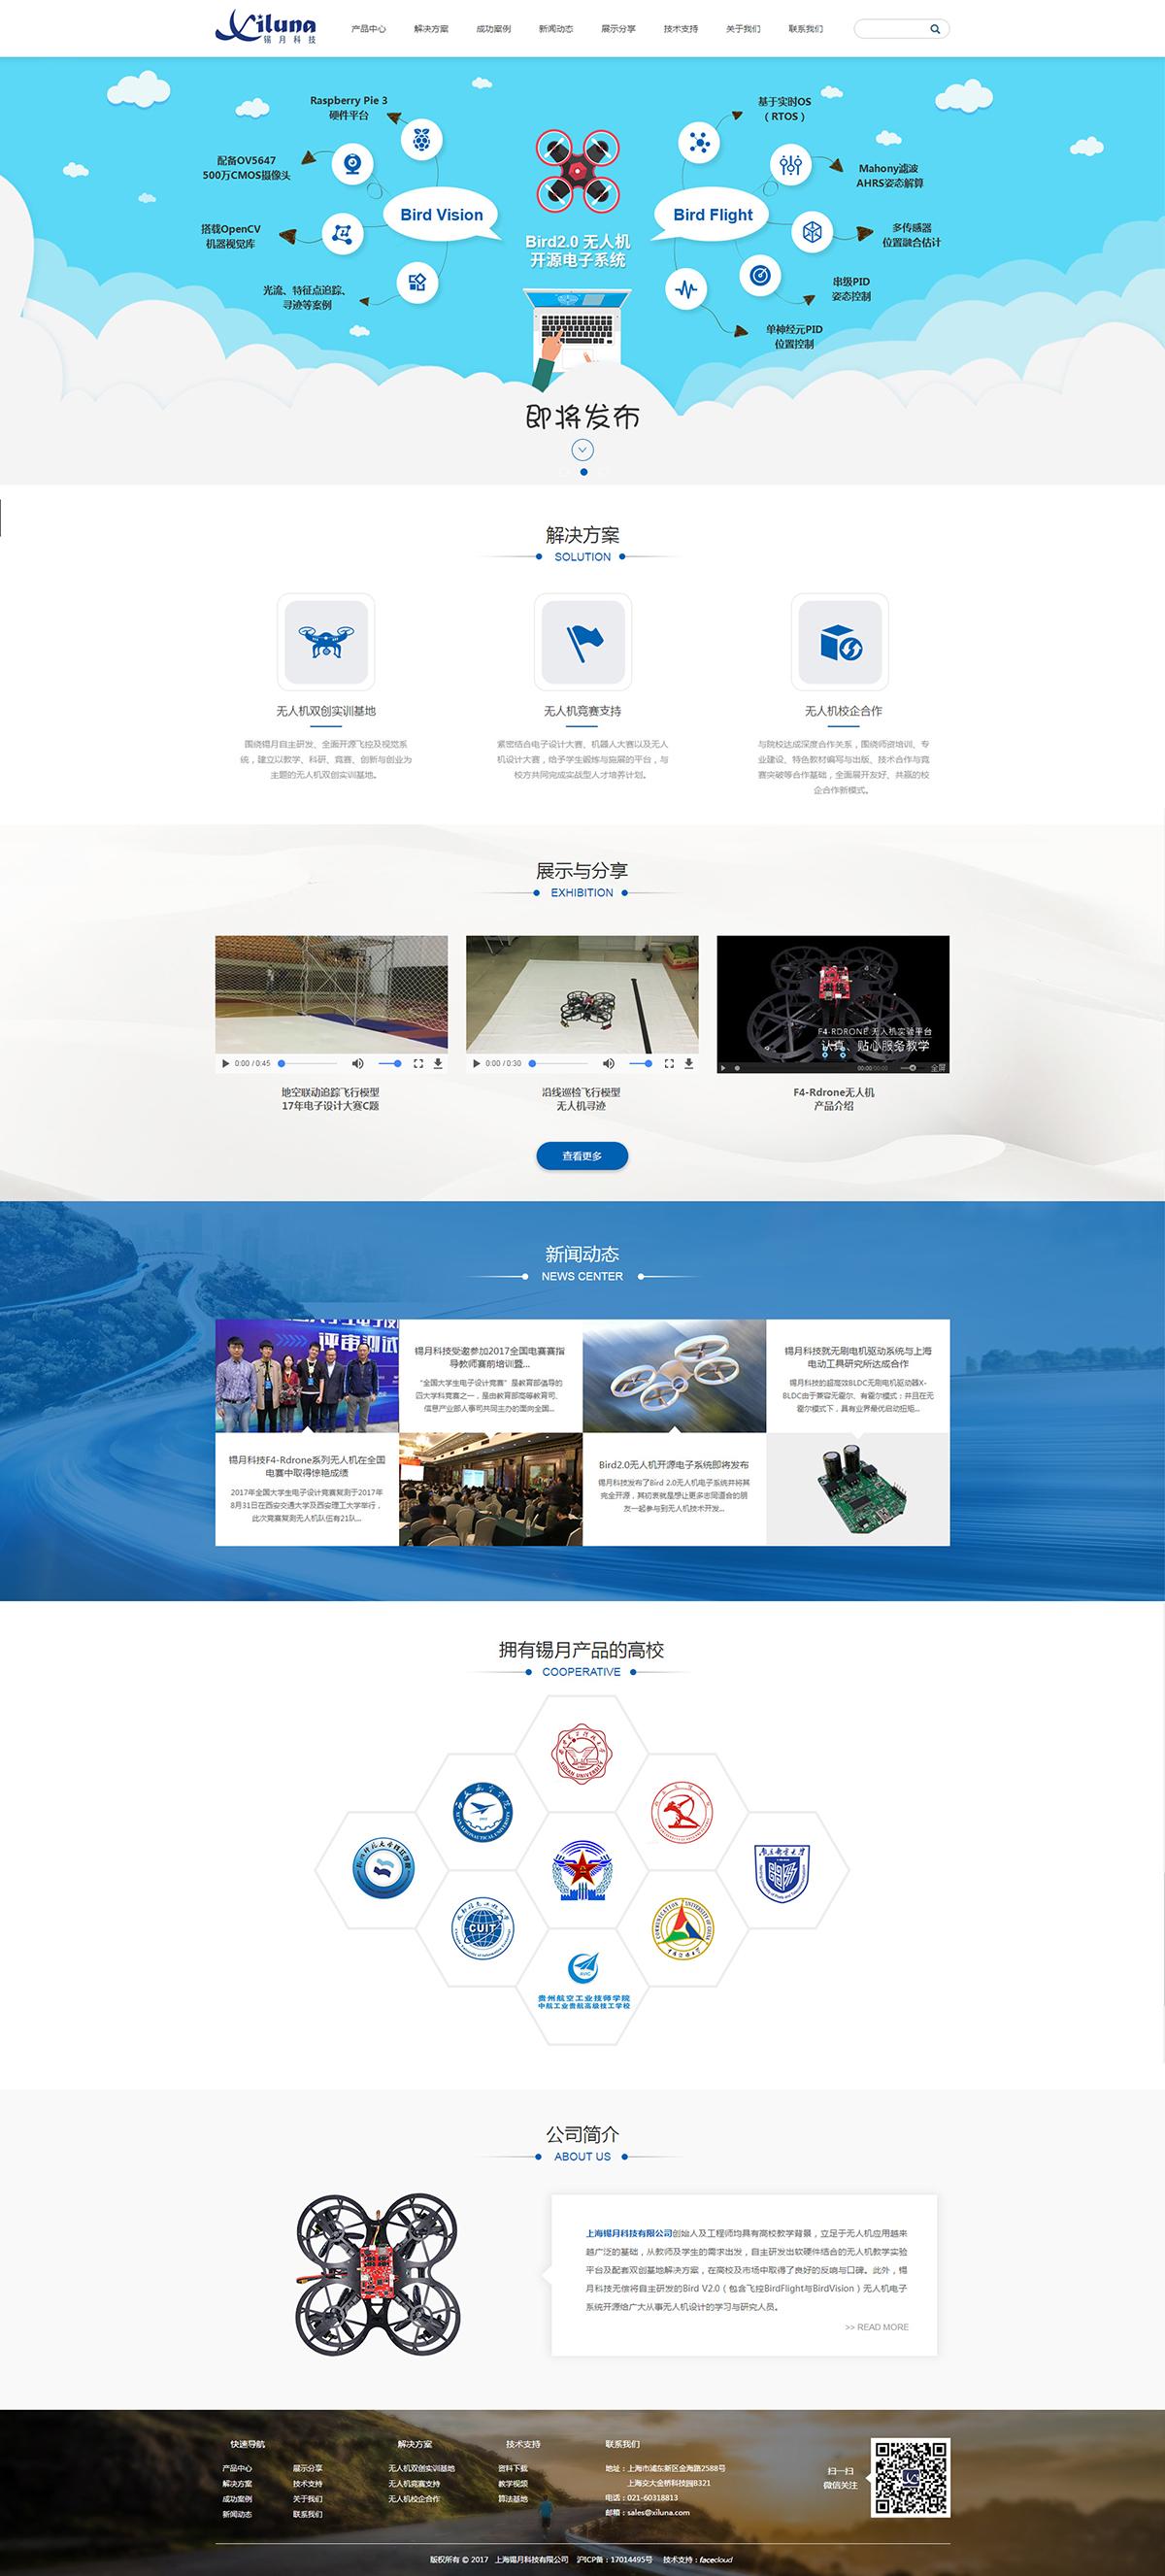 上海锡月科技有限公司_首页